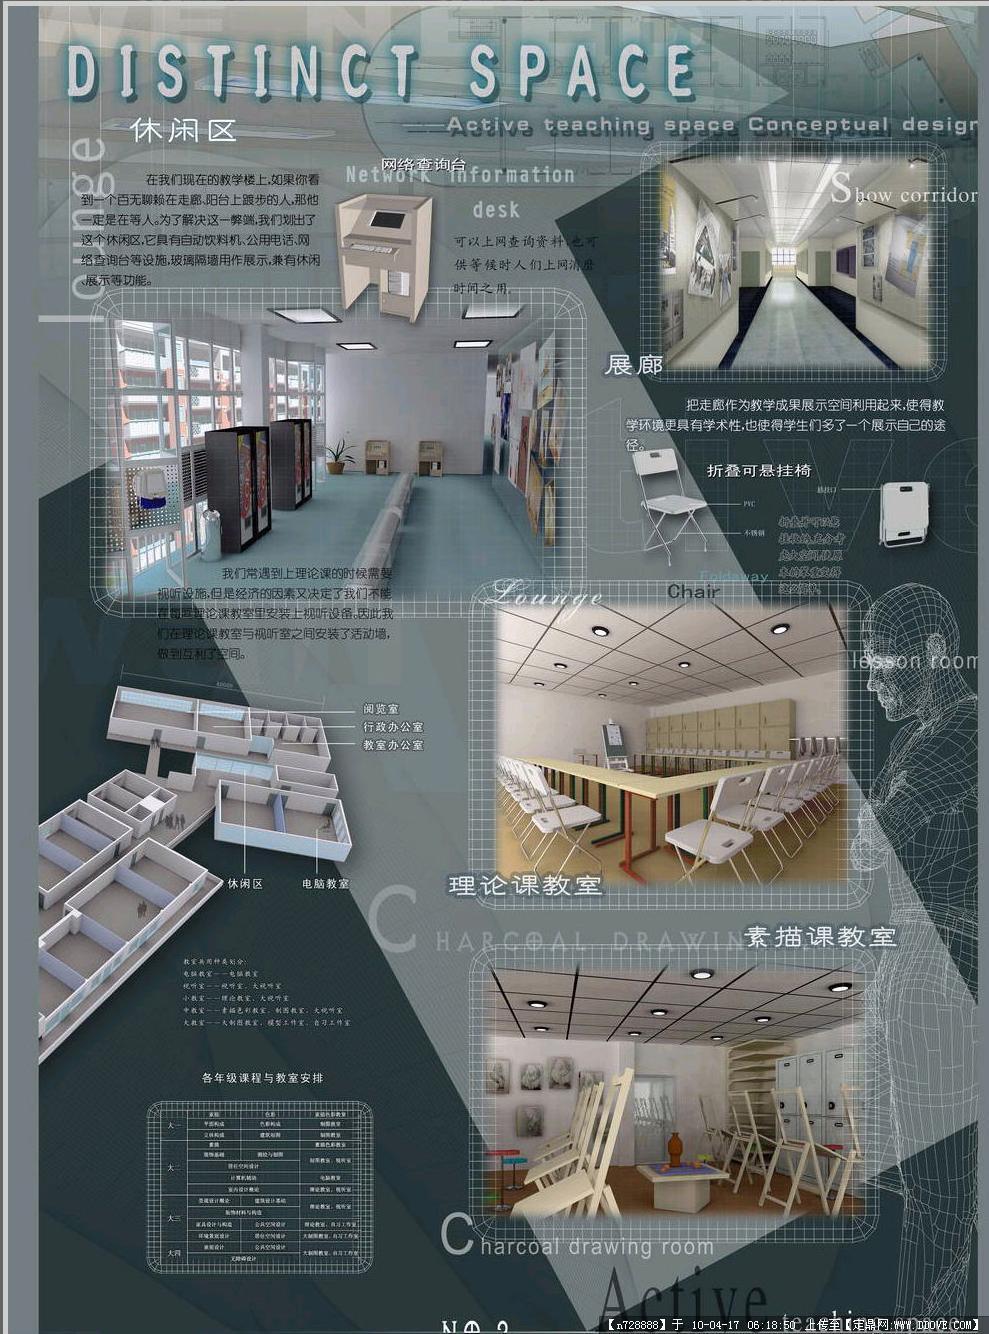 异度空间——活动教学空间概念设计-展板两张